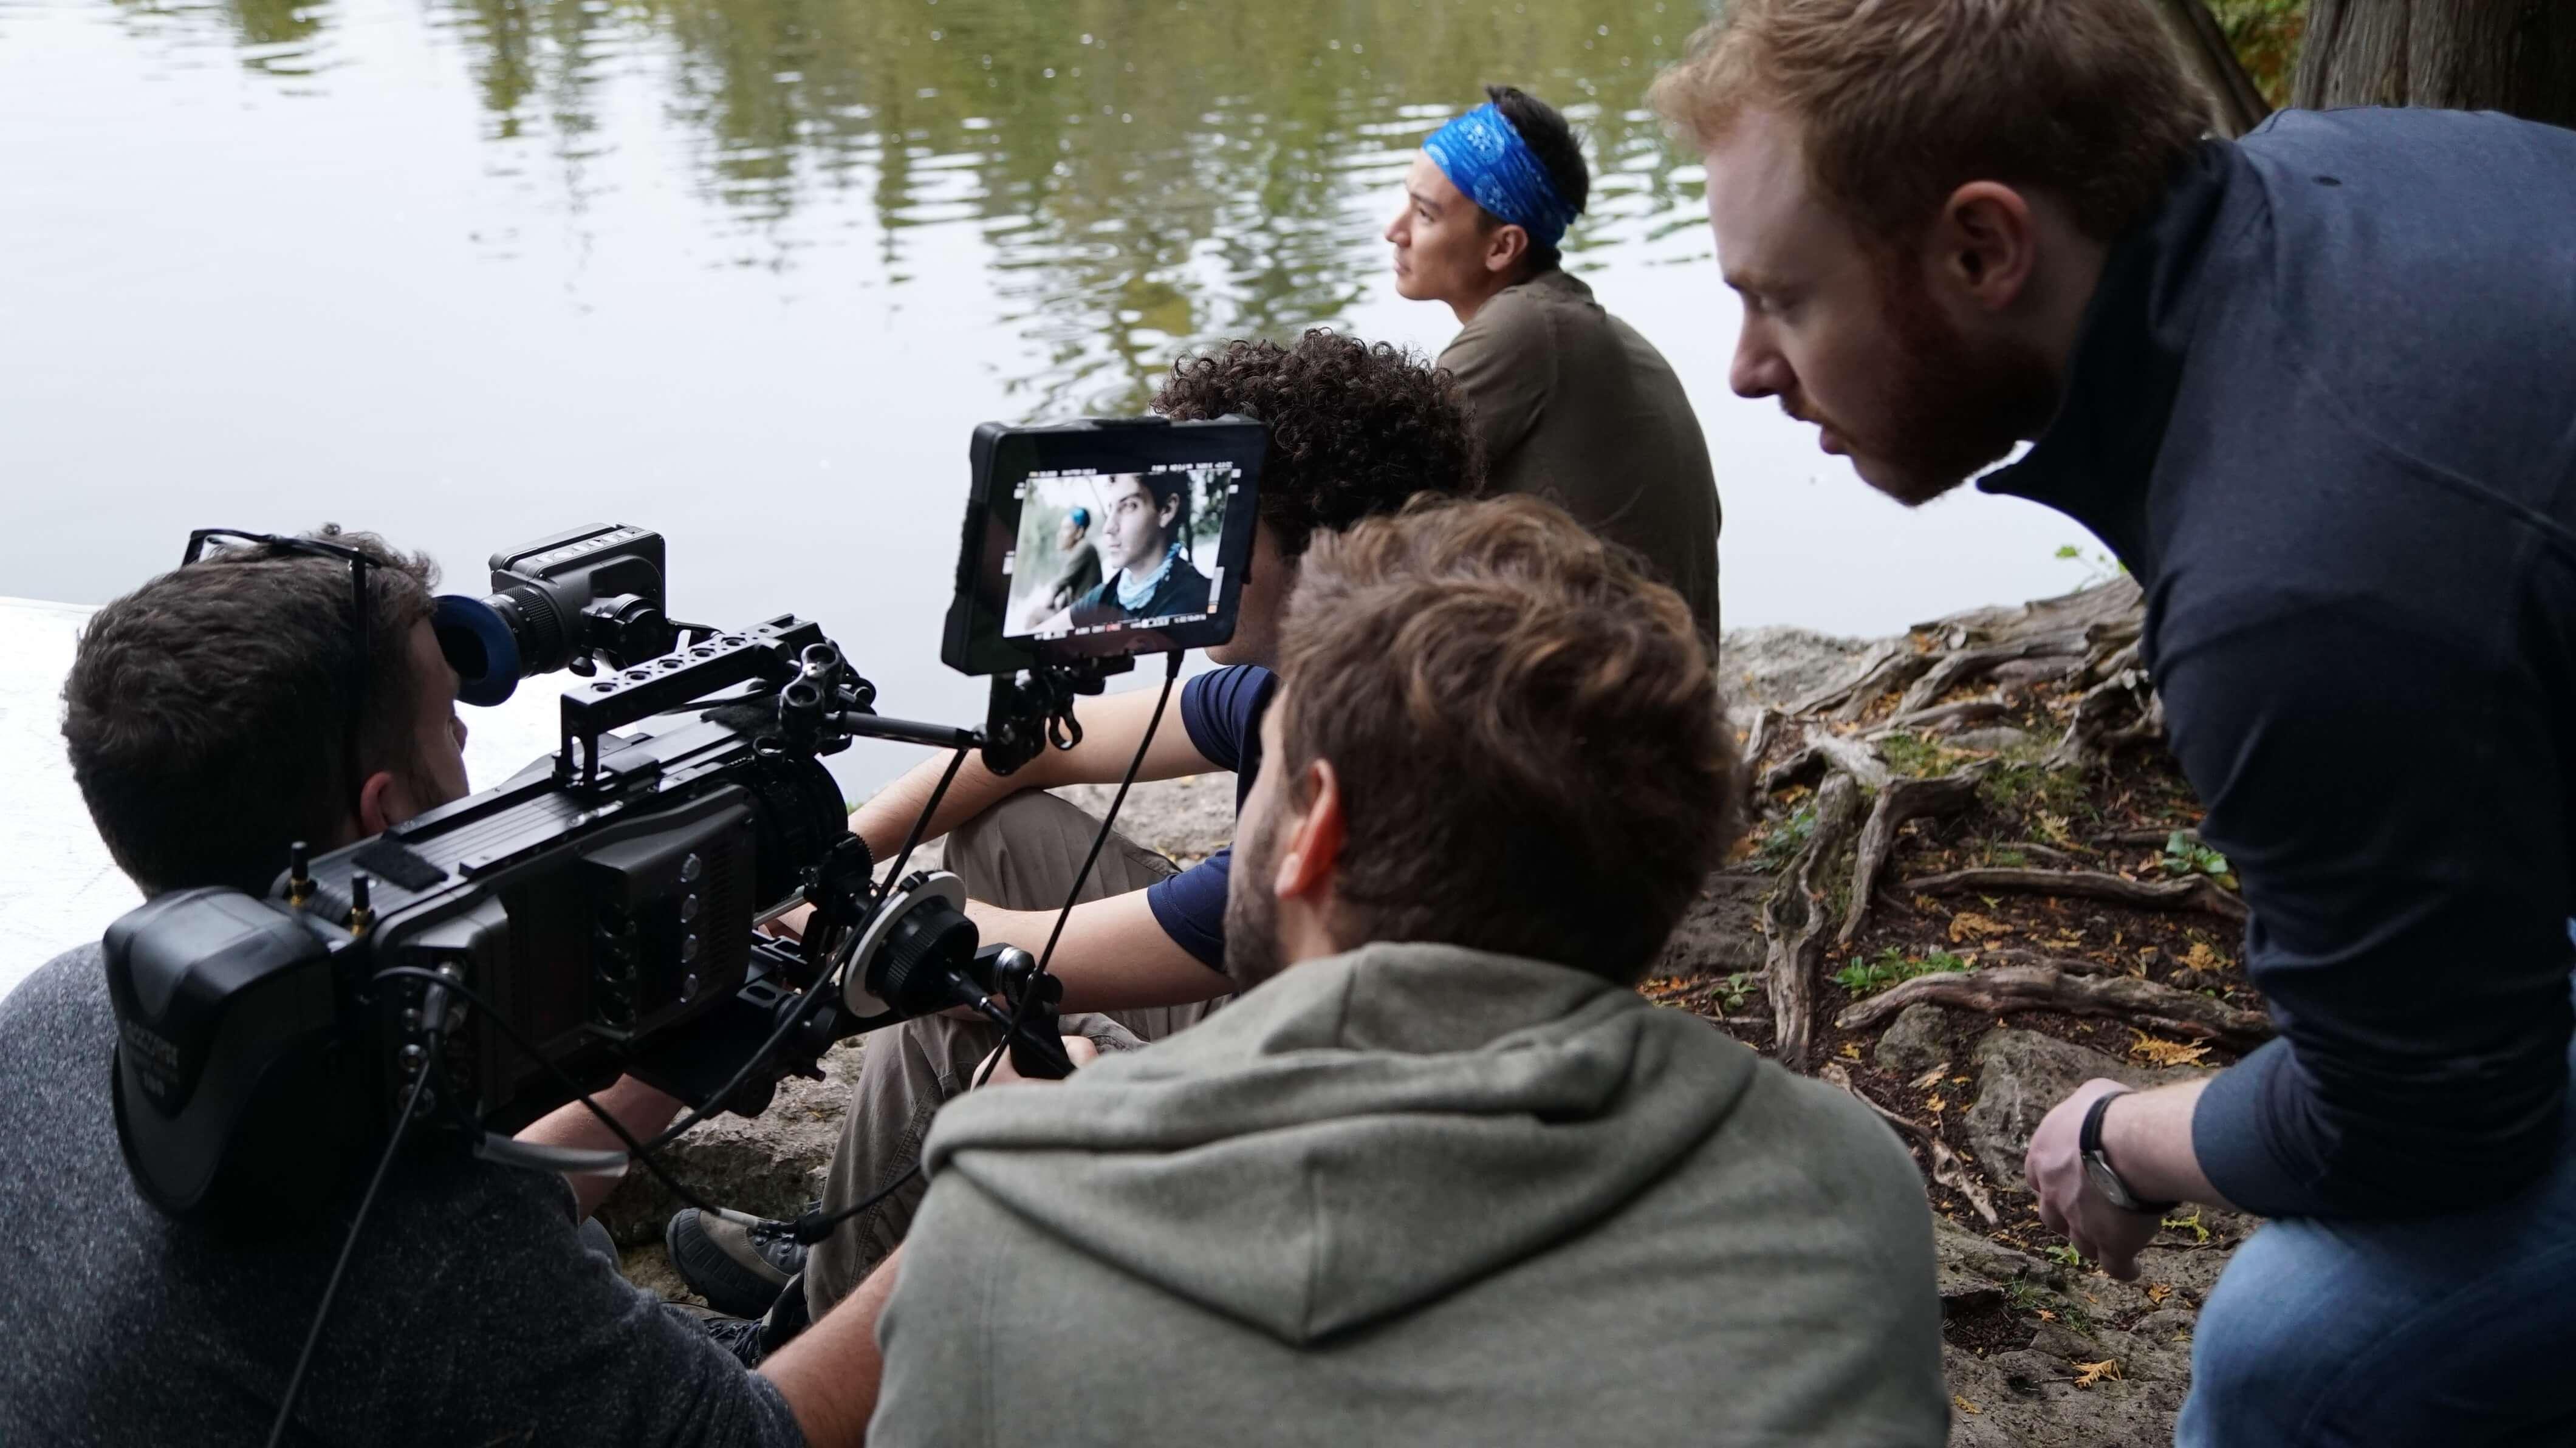 Movie Set at a lake